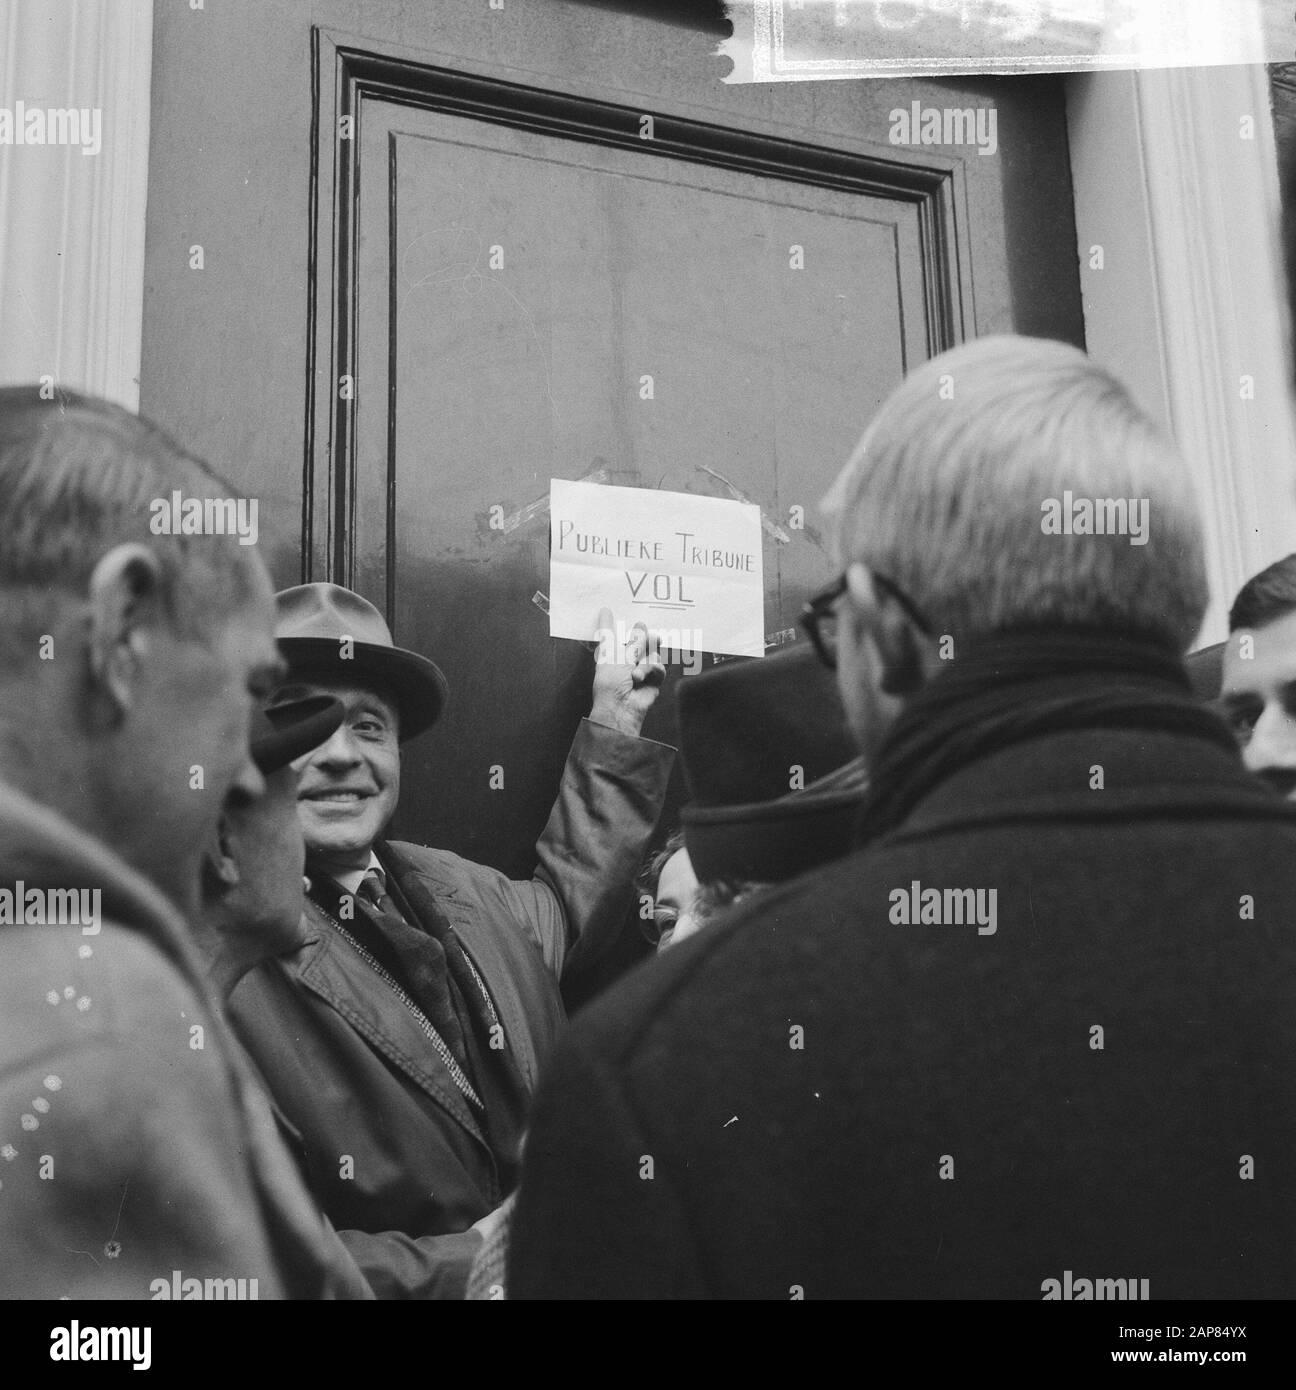 Examen de la Loi Sur Le Consentement au mariage de la princesse Beatrix et Claus von Amsberg dans la Chambre Description: Signe montrant que la galerie publique est pleine Date: 10 novembre 1965 lieu: Den Haag, Zuid-Holland mots clés: Parlementiare débats, public institution name: House Banque D'Images